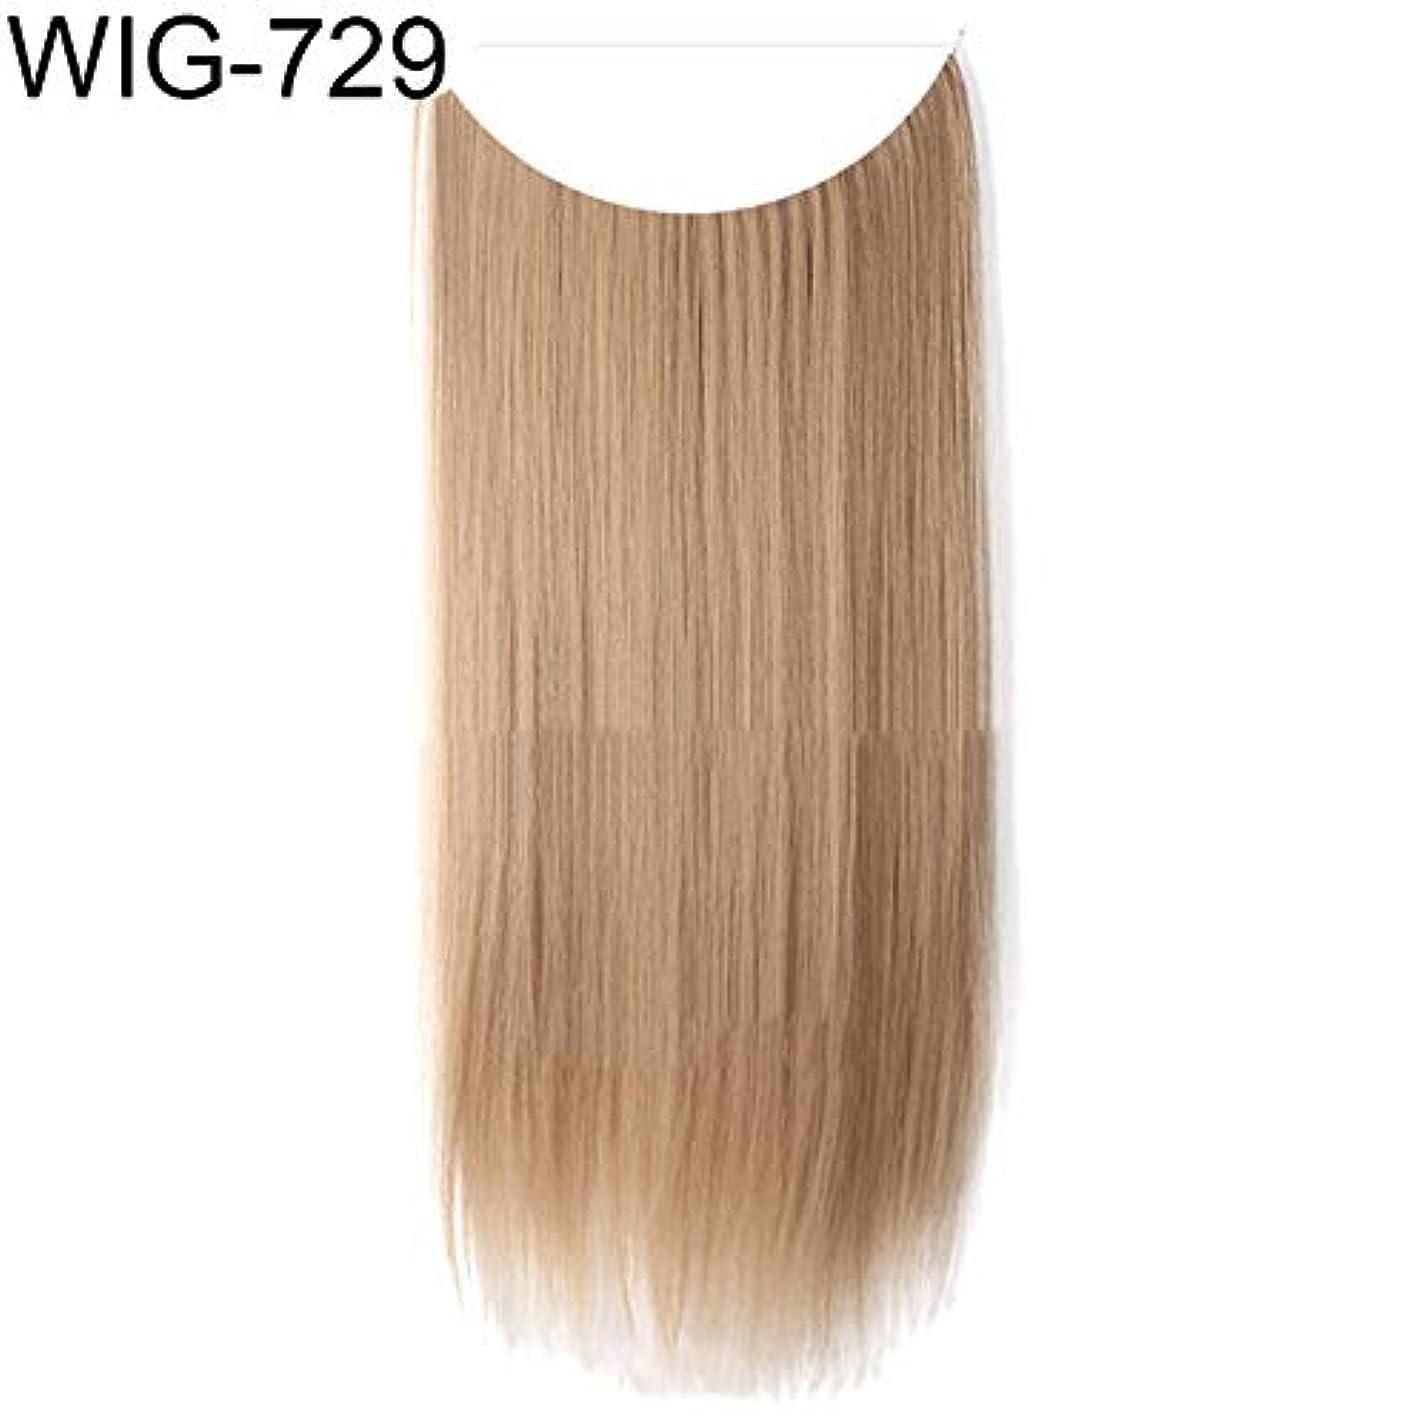 十分りんごアサーslQinjiansav女性ウィッグ修理ツール女性高温繊維長いストレートカーリーウィッグヘアエクステンションヘアピース